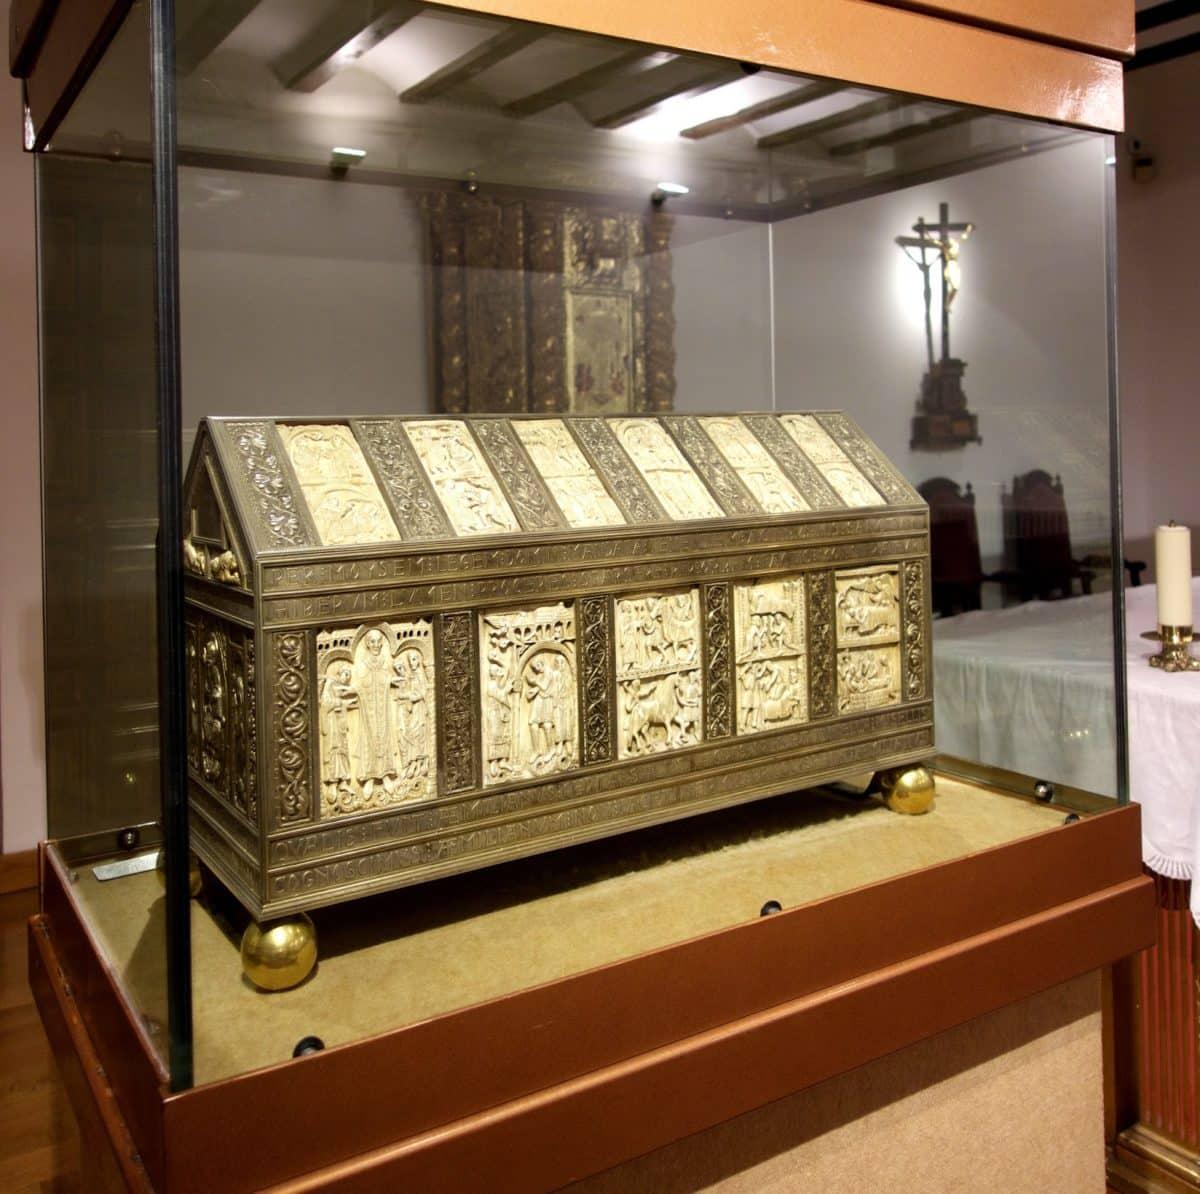 Un recorrido por los orígenes y la leyenda del monasterio de Yuso 2